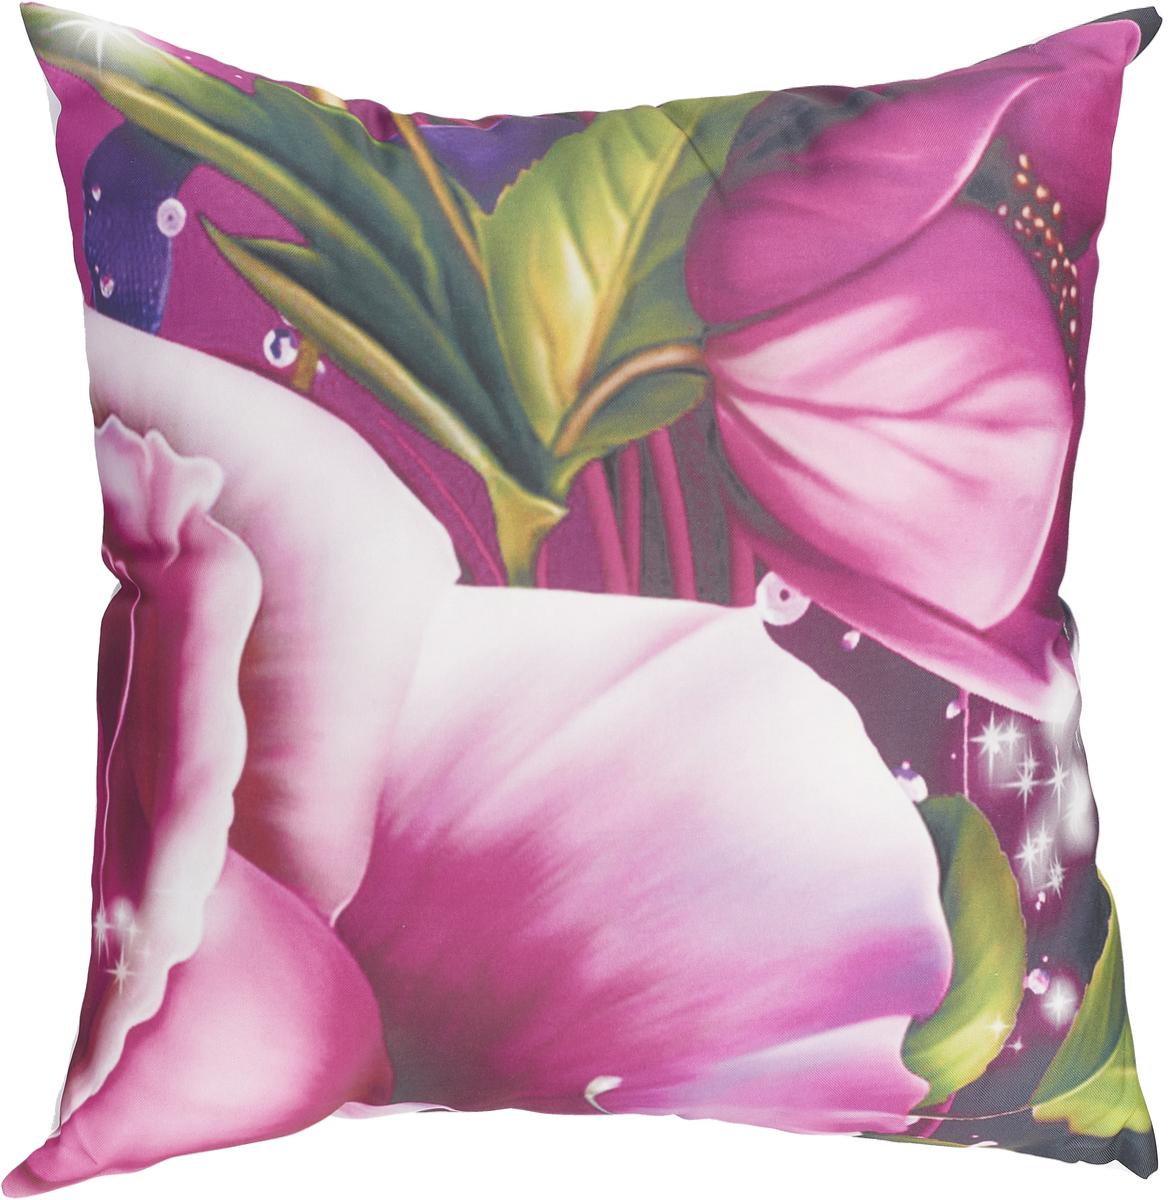 Подушка декоративная МарТекс Рамирос, цвет: черно-розовый, 45 х 45 см. 16-1240-116-1240-1Декоративная подушка, рисунок выполнен методом фотопечати. Наполнение полое силиконизированное волокно Hollow Fiber.